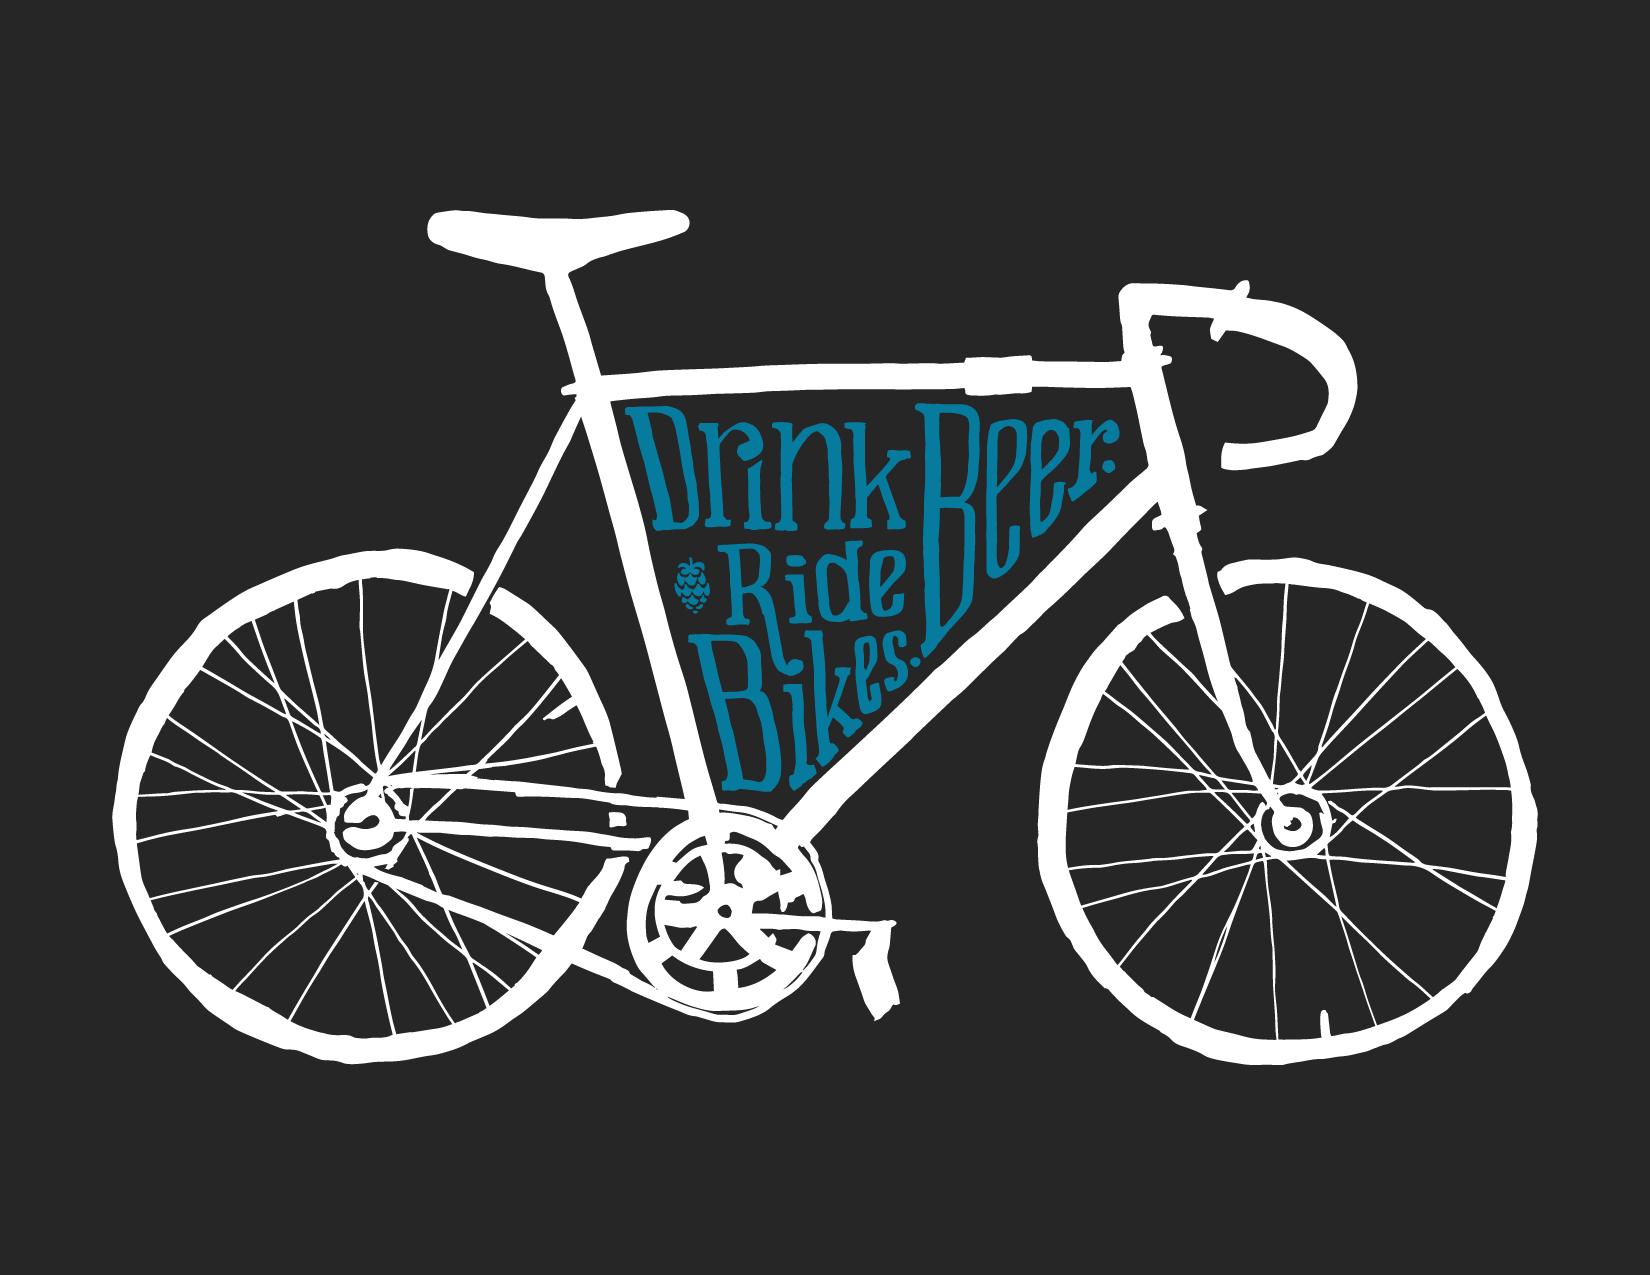 Tour Dallas Bike